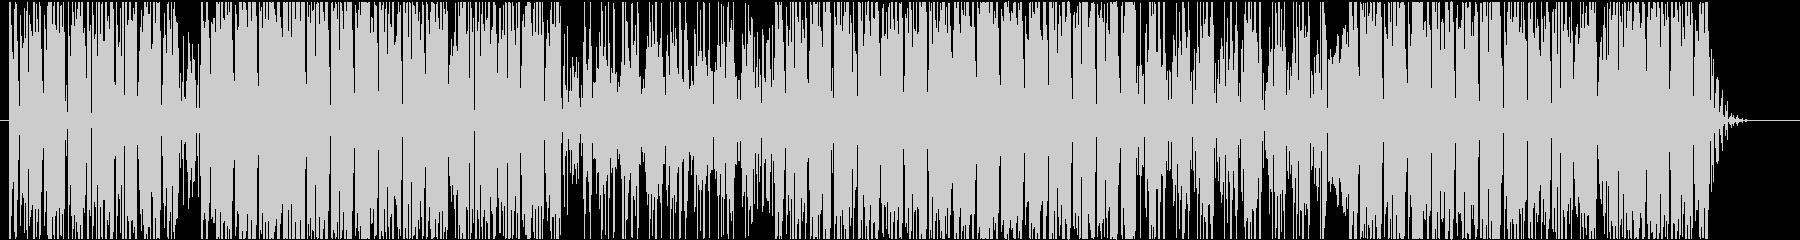 ファンキーなシンセベースが印象的なBGMの未再生の波形